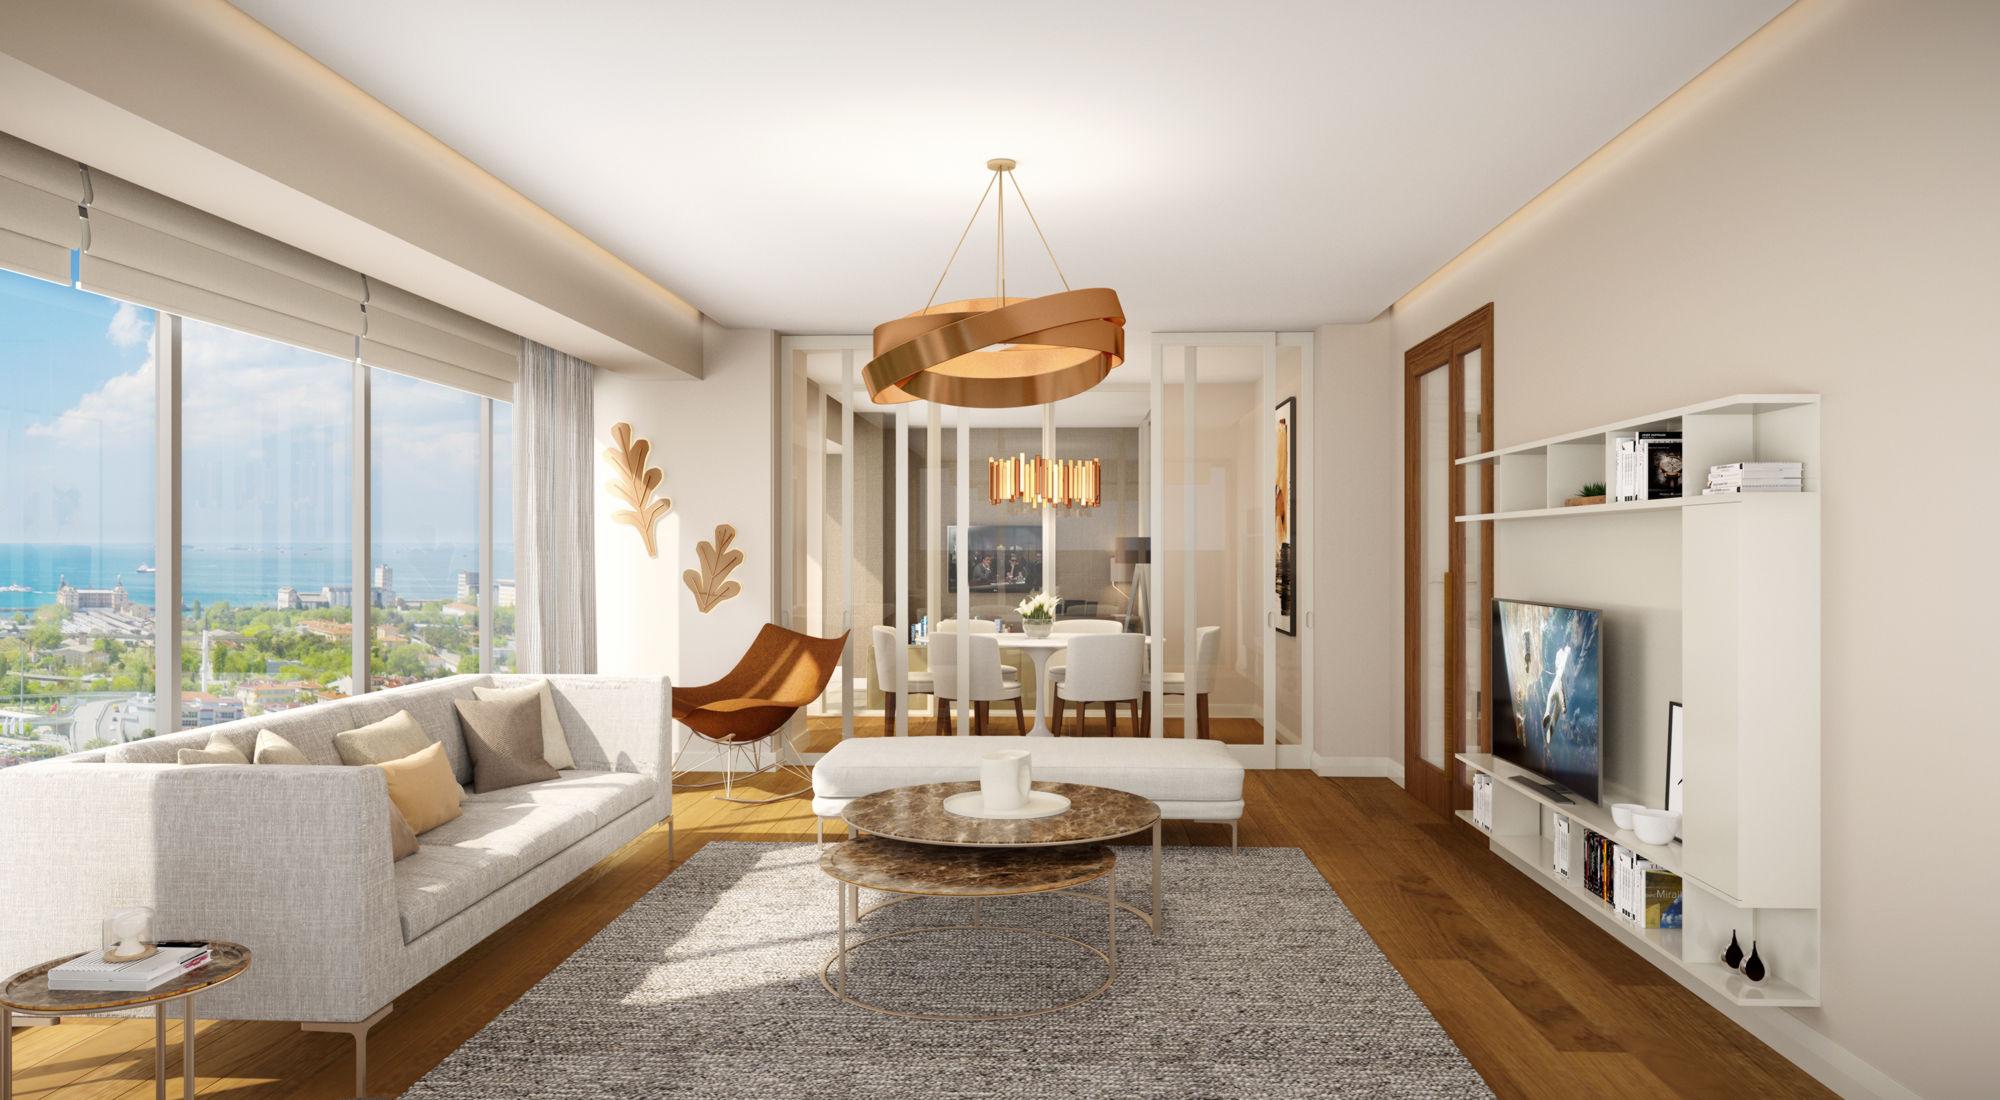 «Умные» квартиры в новом жилом комплексе Стамбула - Фото 32